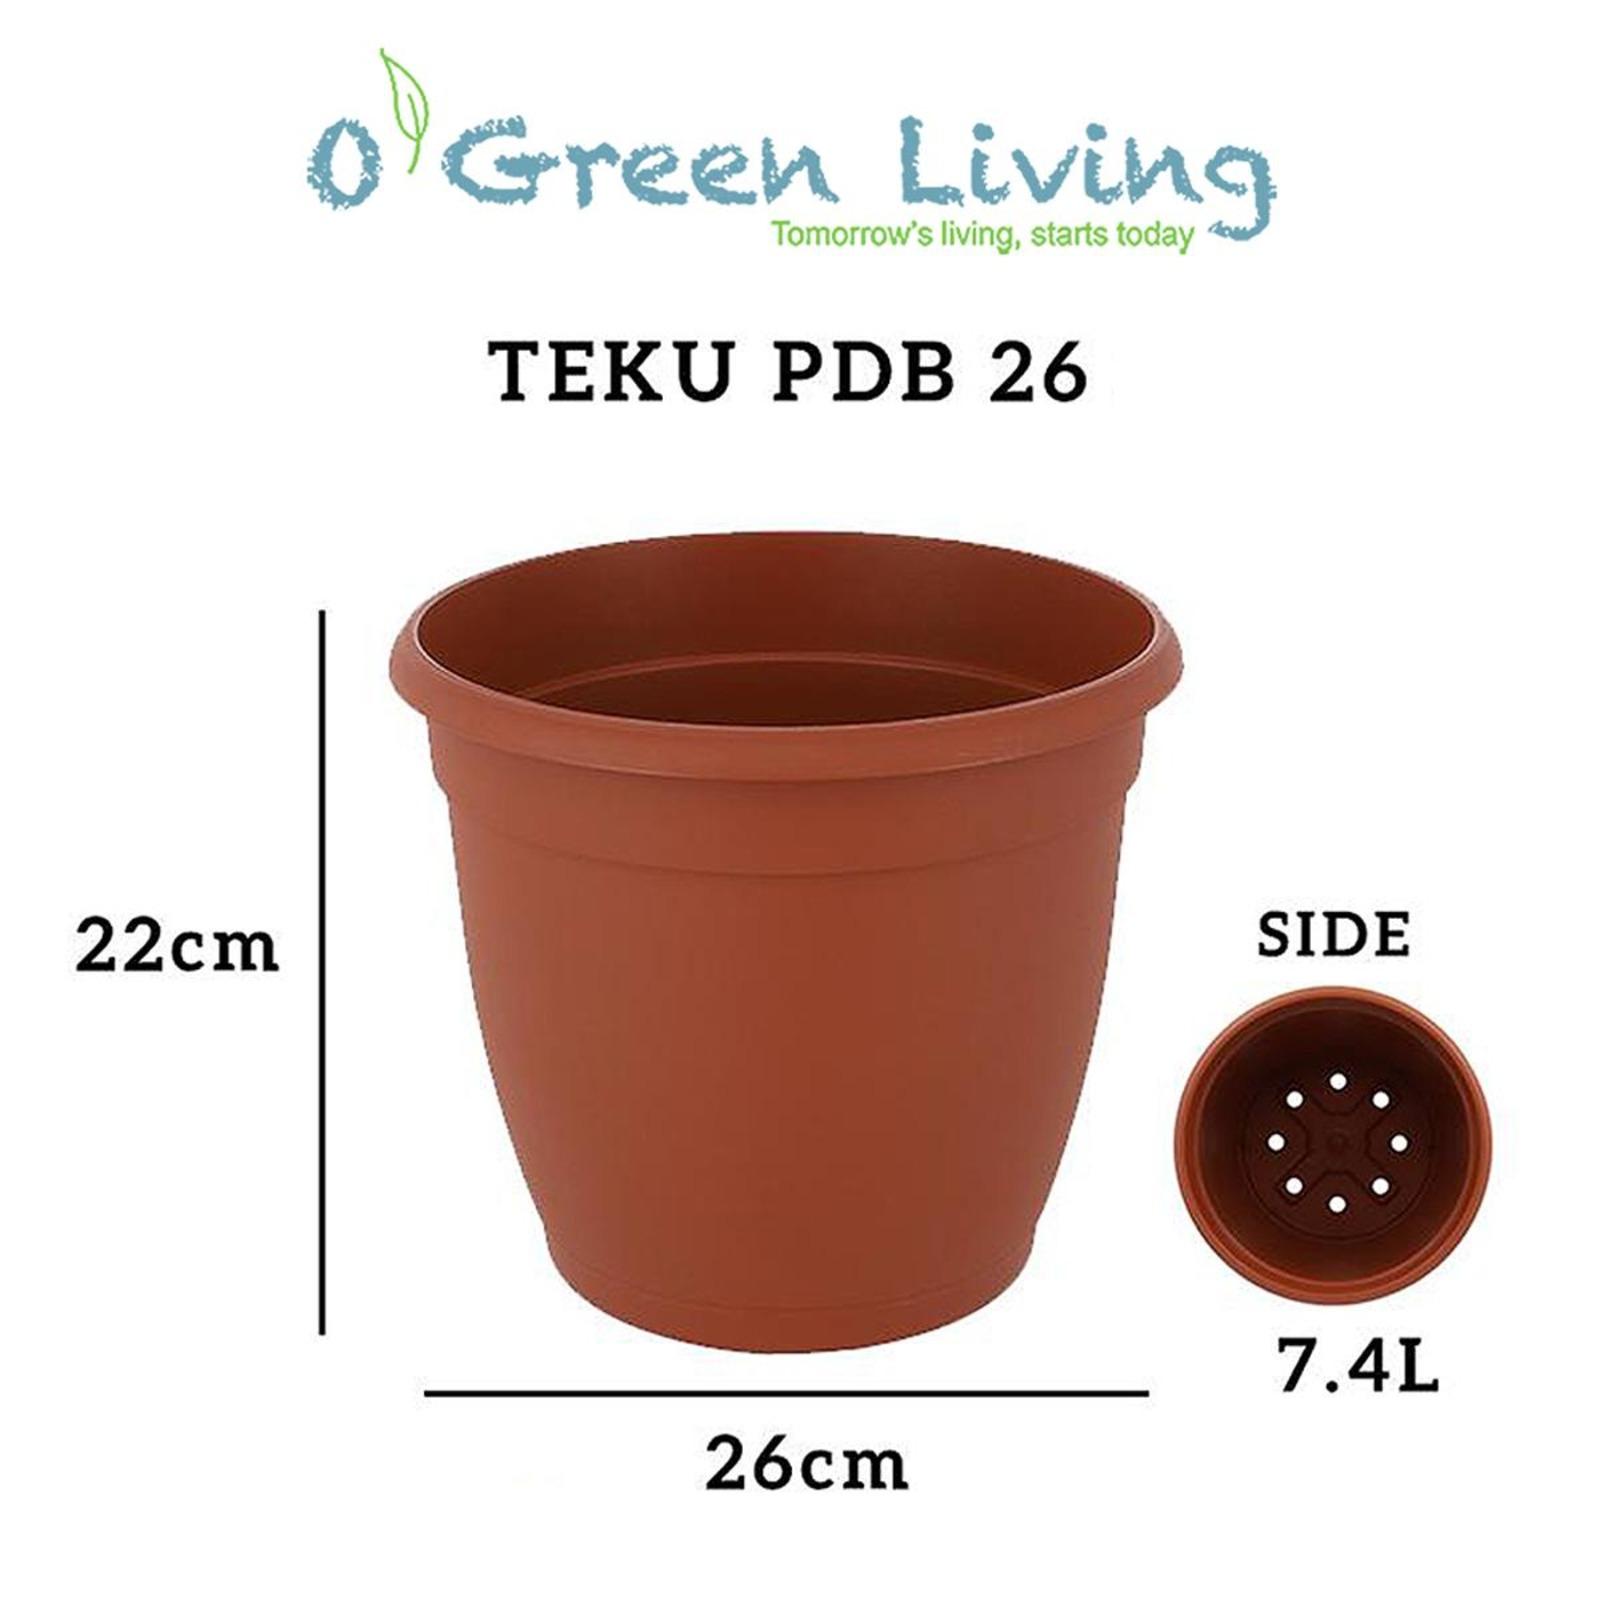 Organic Green Living (OGL) PDB26 Pots